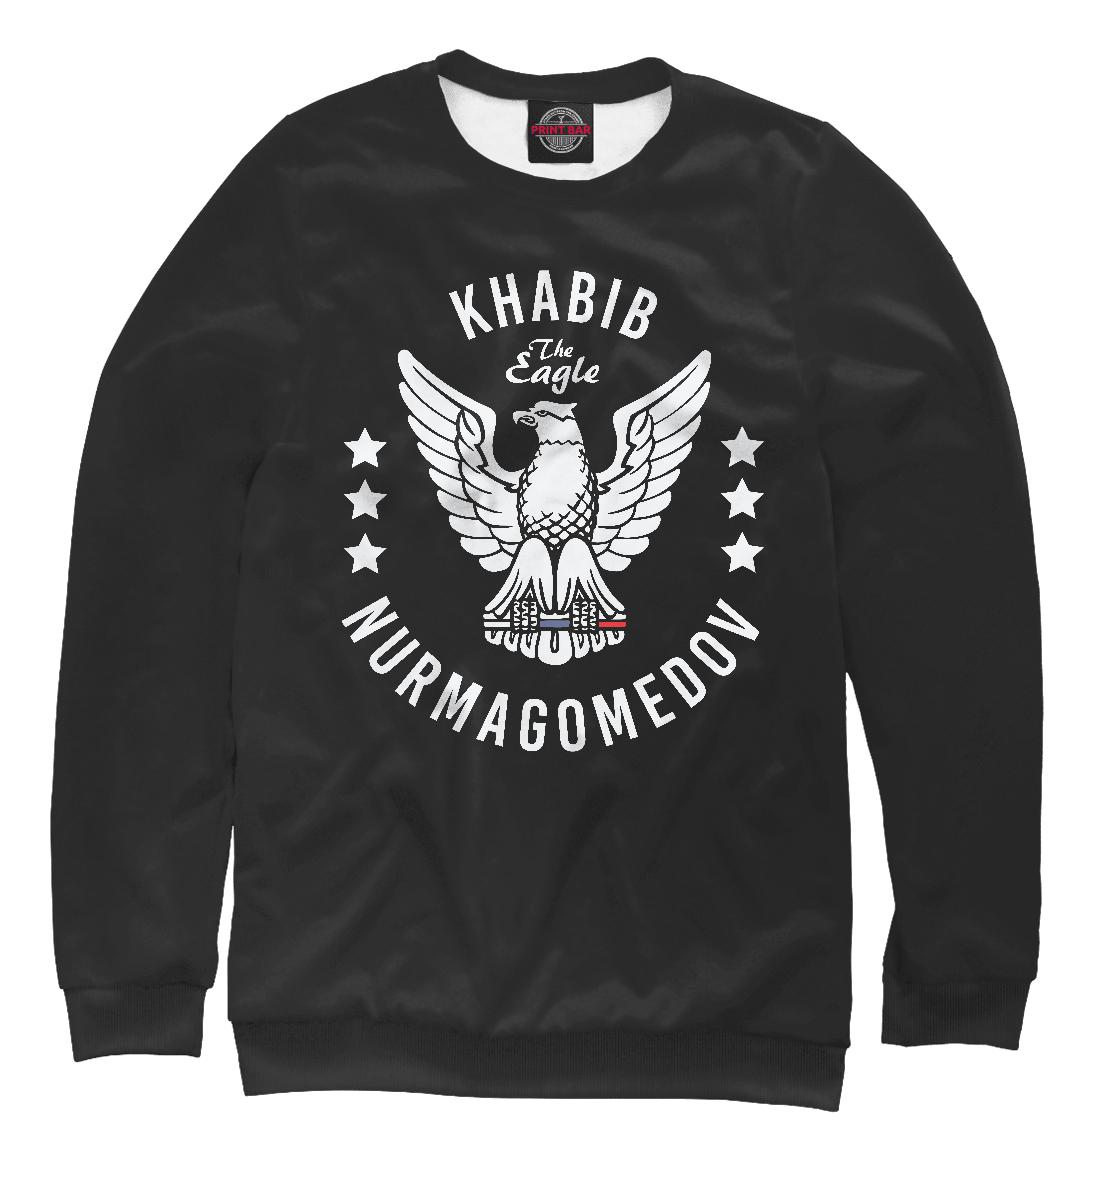 Купить Хабиб Нурмагомедов, Printbar, Свитшоты, NUR-585734-swi-1